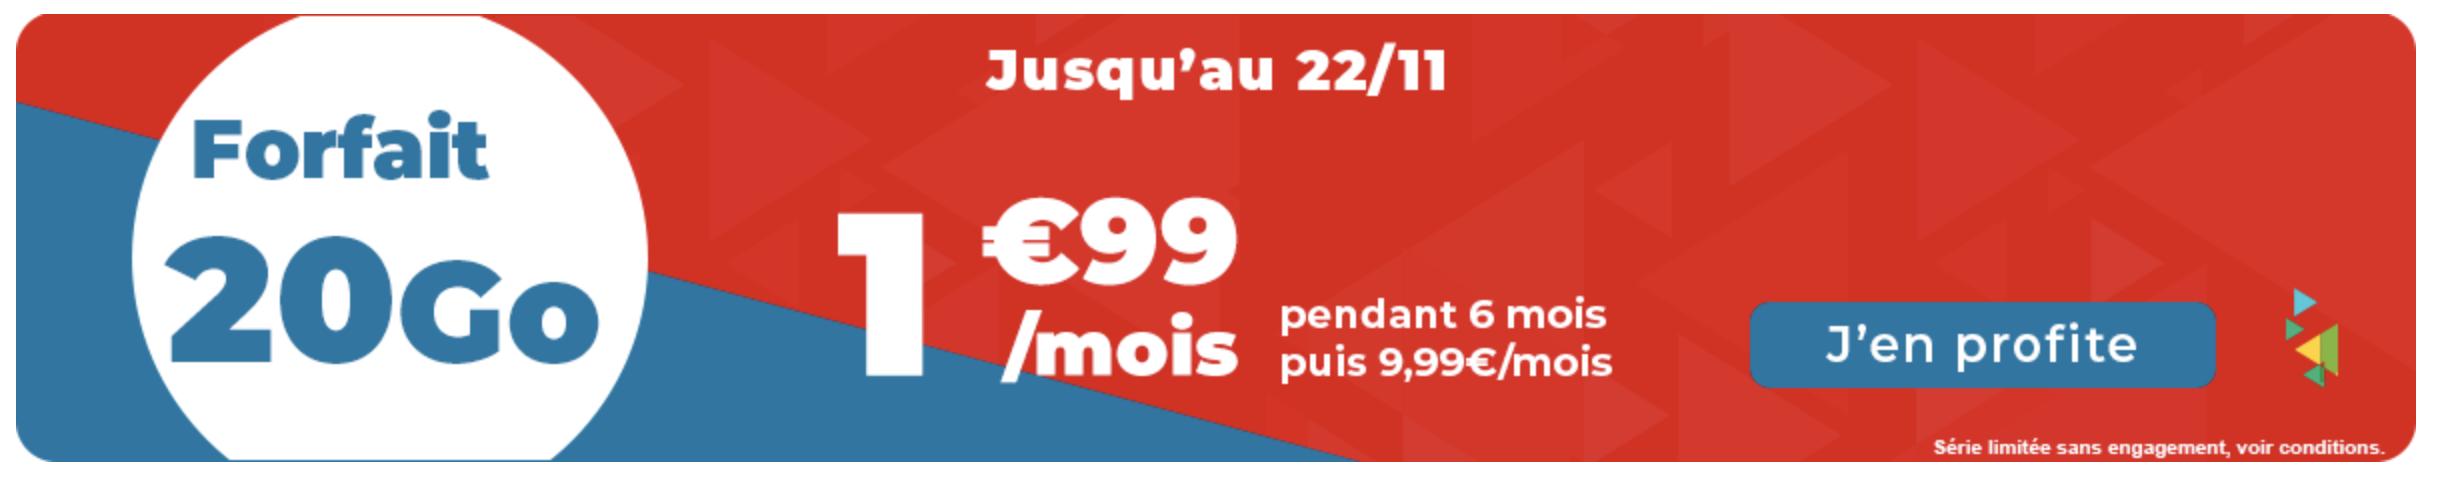 Bannière auchan télécom promo